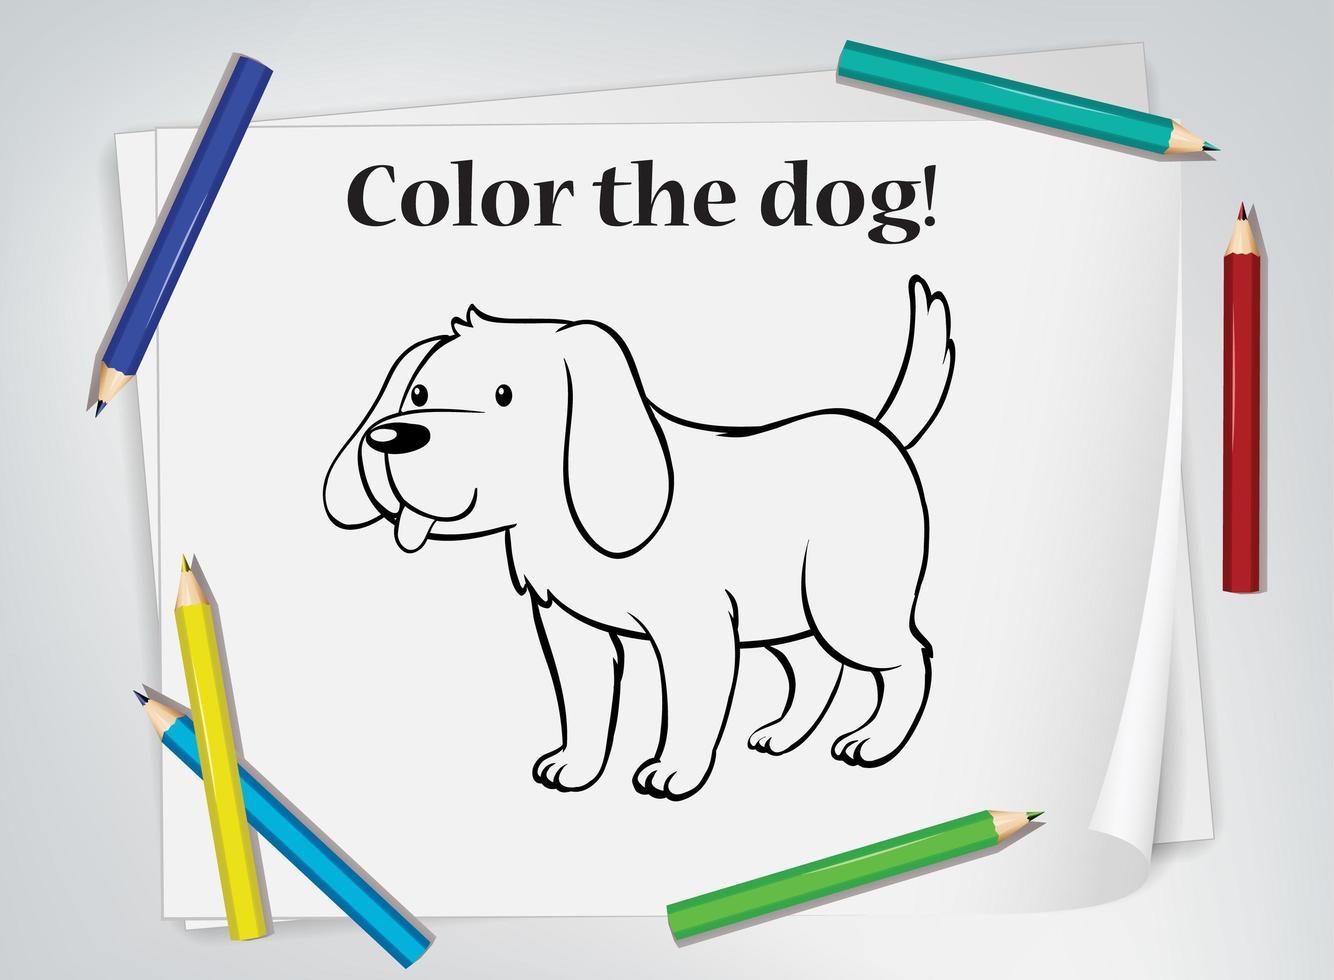 barn hund färgläggning kalkylblad vektor